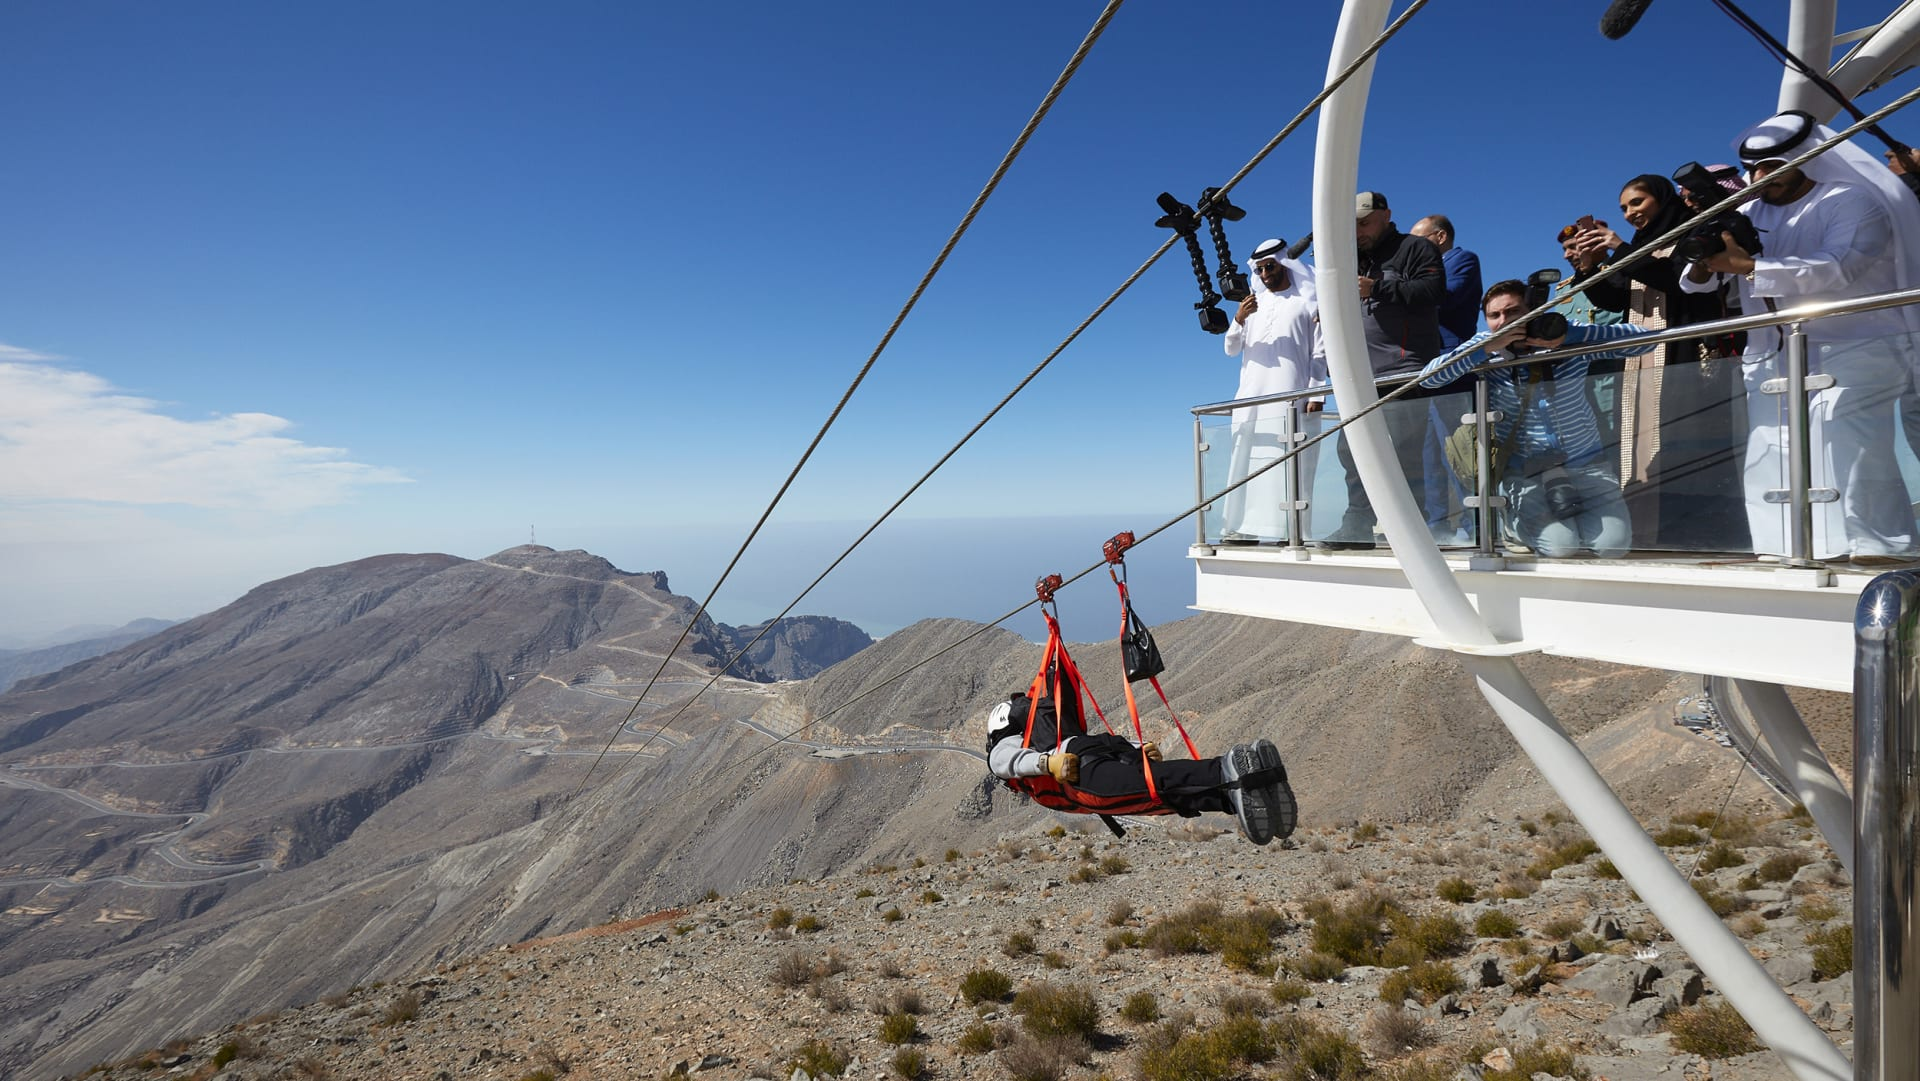 على جبل جيس الذي يلامس السحب.. تعرف لتجربة زيارة المطعم الأعلى ارتفاعا بالإمارات